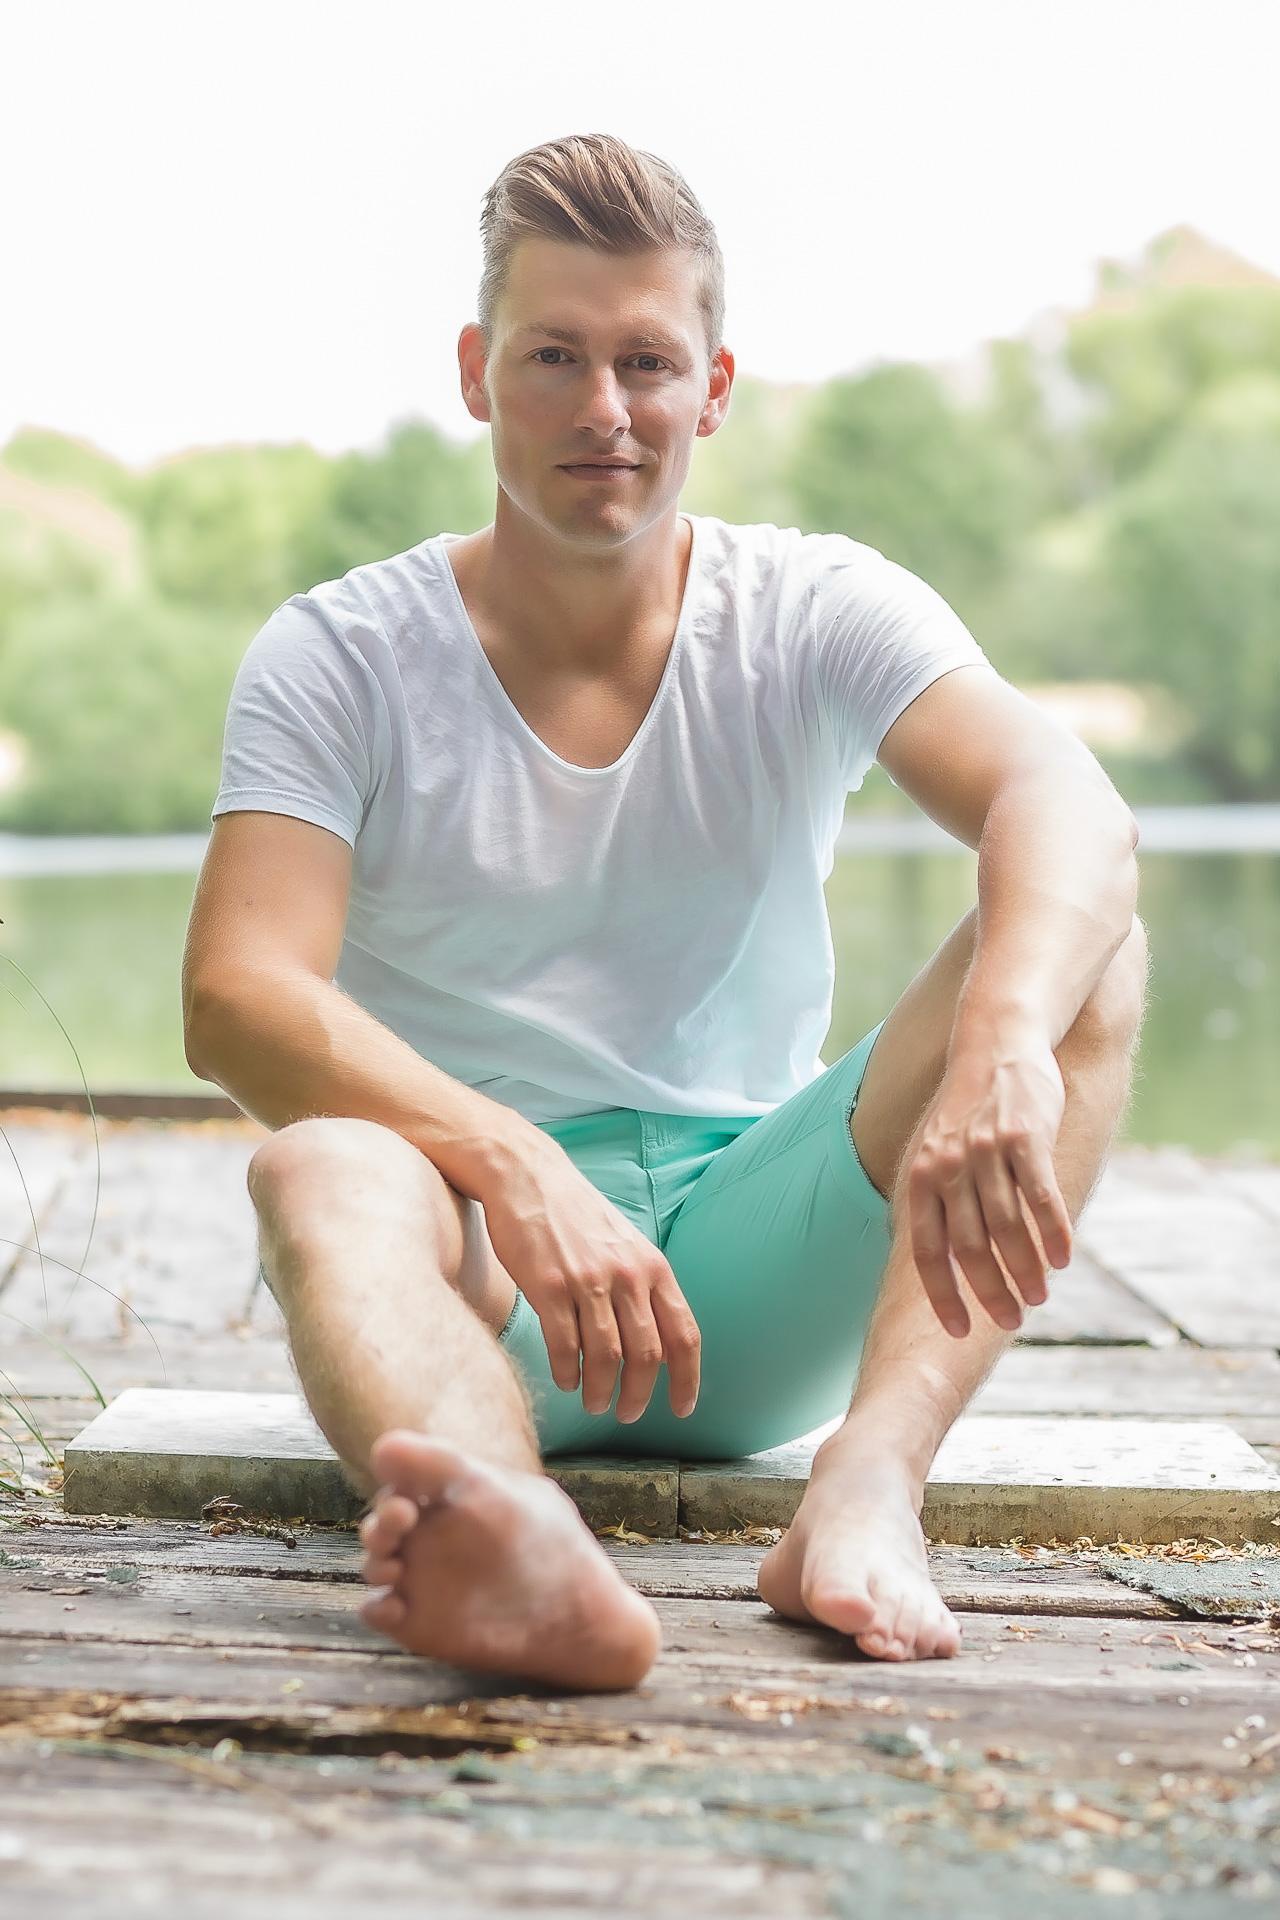 Online-Dating-Fotos mit einem blonden, gutaussehenden, jungen Mann, der mit einer kurzen grünen Hose aus einem Steg am See sitzt.r-schneller-Sex